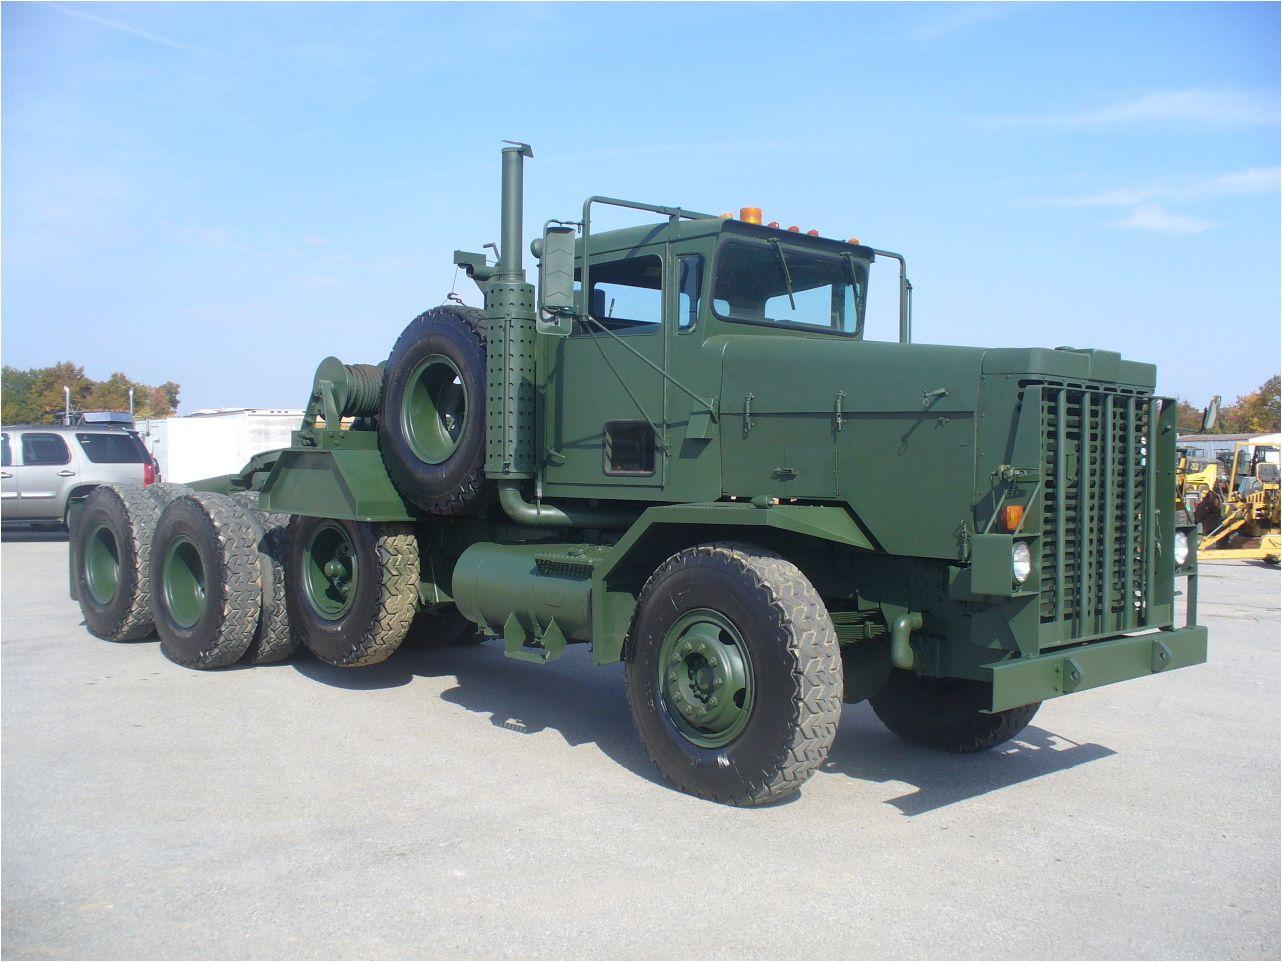 1979 OSHKOSH M911 Tri Axle Semi Truck - Brandywine Trucks ...